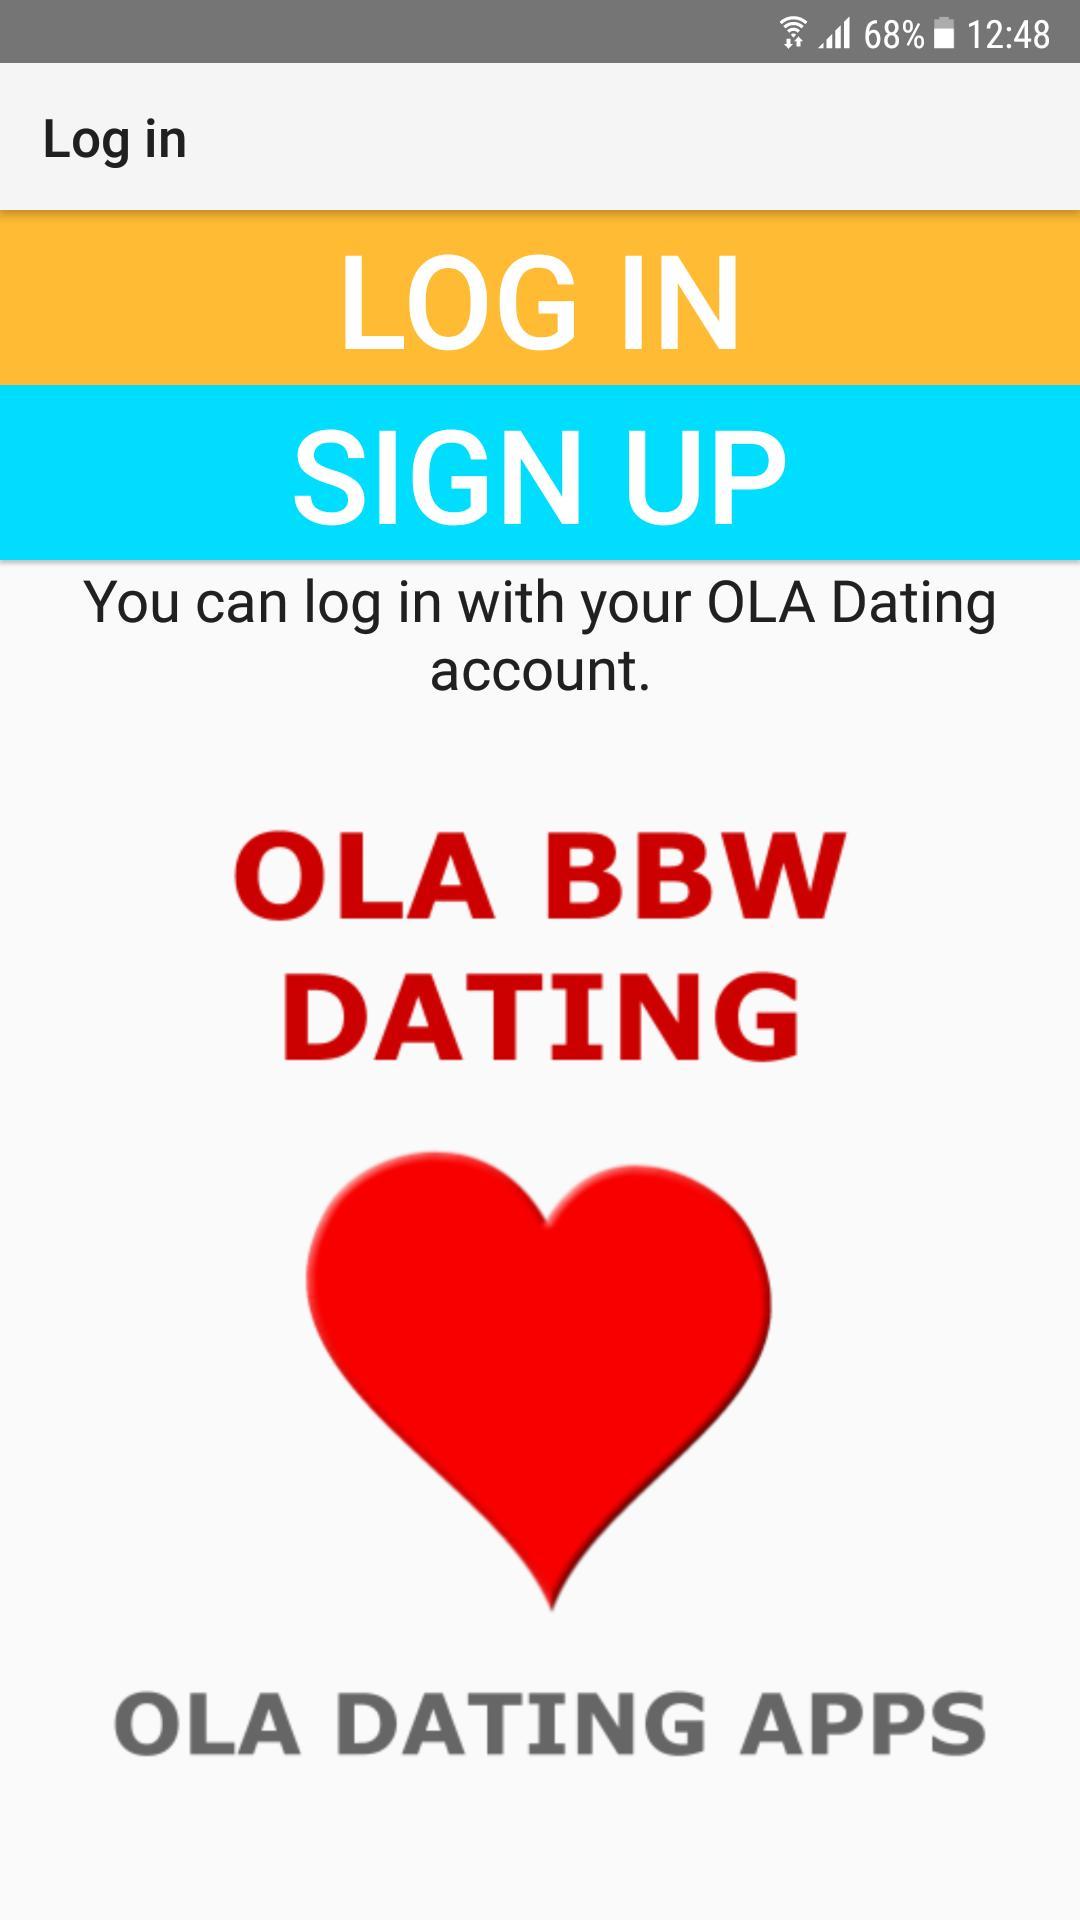 Mujeres Bbw sitio de citas de ola bbw para un amor más grande for